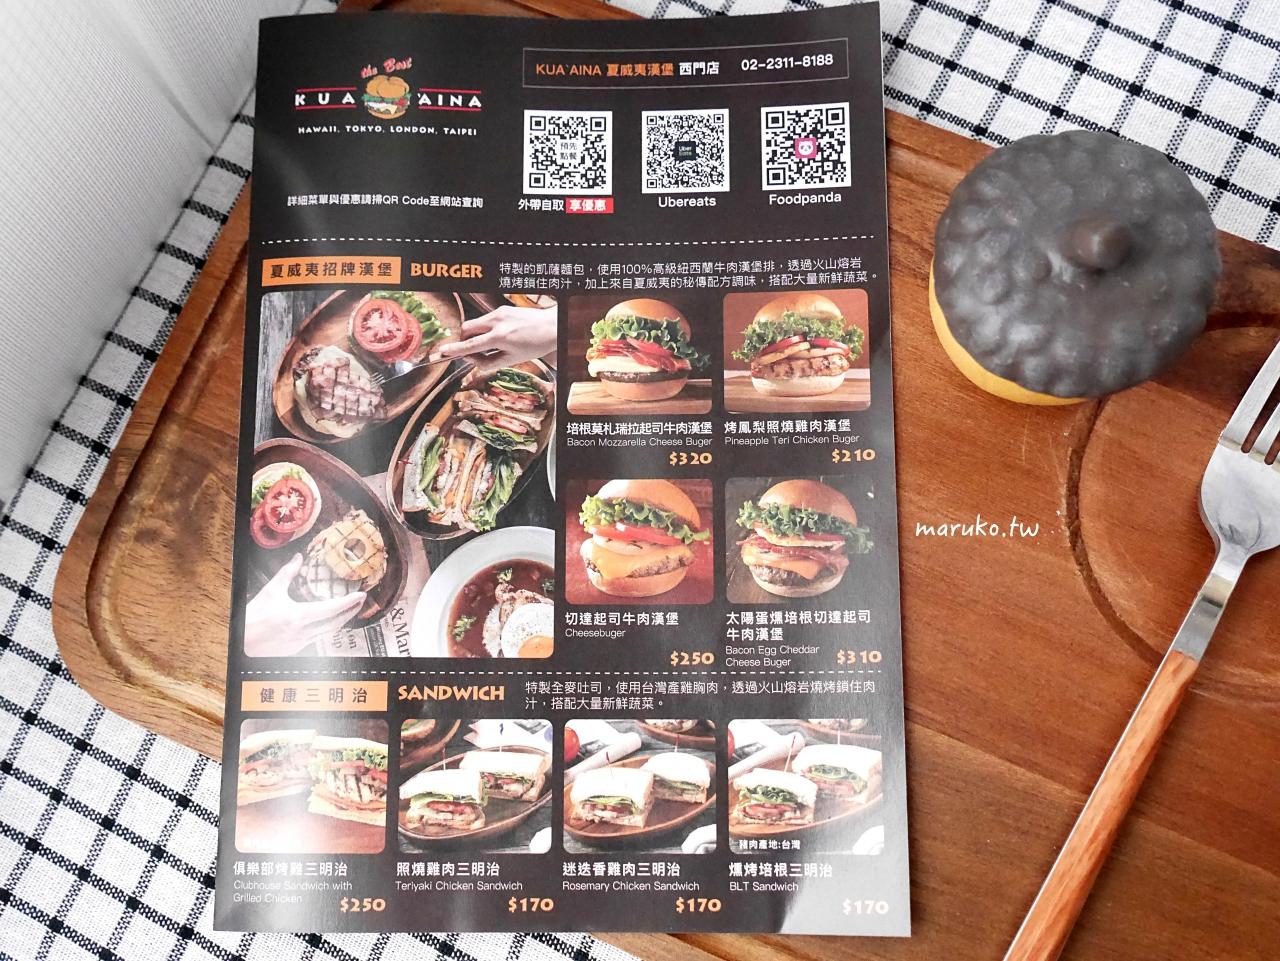 【台北】KUA-AINA 夏威夷漢堡 風靡日本的夏威夷漢堡回歸 火山熔岩爐烤漢堡只要165元起 @Maruko與美食有個約會